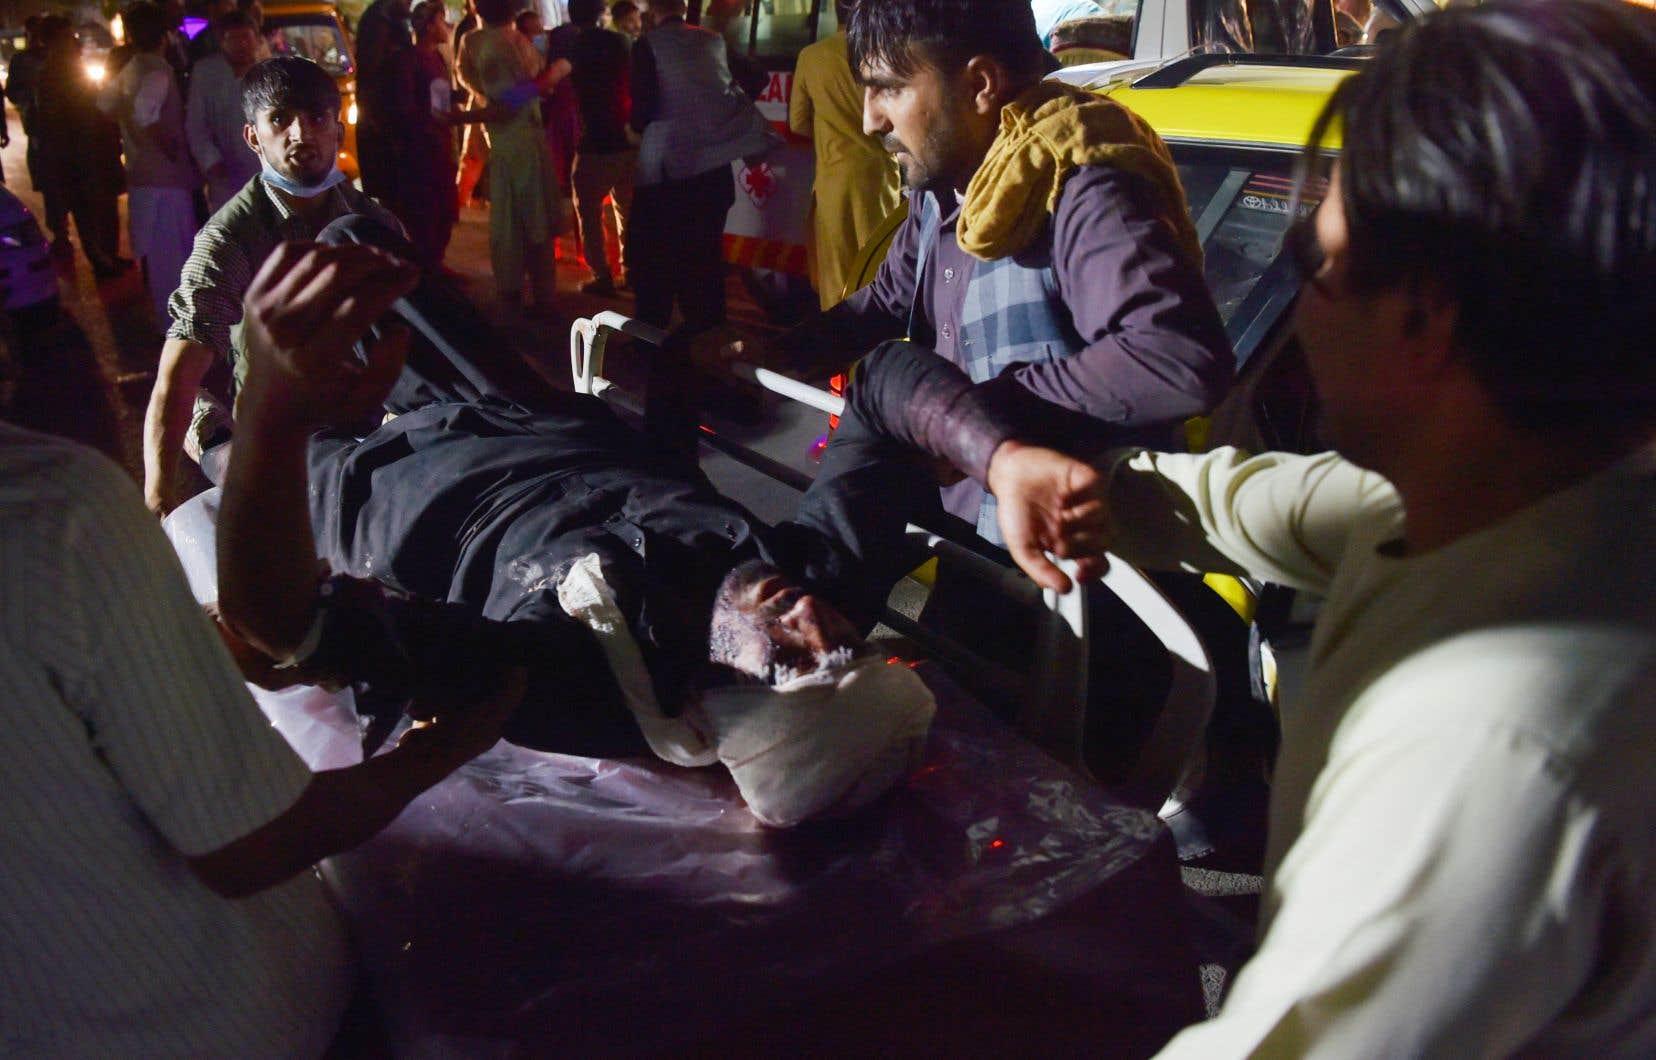 Un porte-parole des talibans a dressé un bilan de 13 à 20 morts et évoqué 52 blessés, tout en dénonçant l'attaque. Mais d'autres sources évoquent un bilan bien plus lourd.